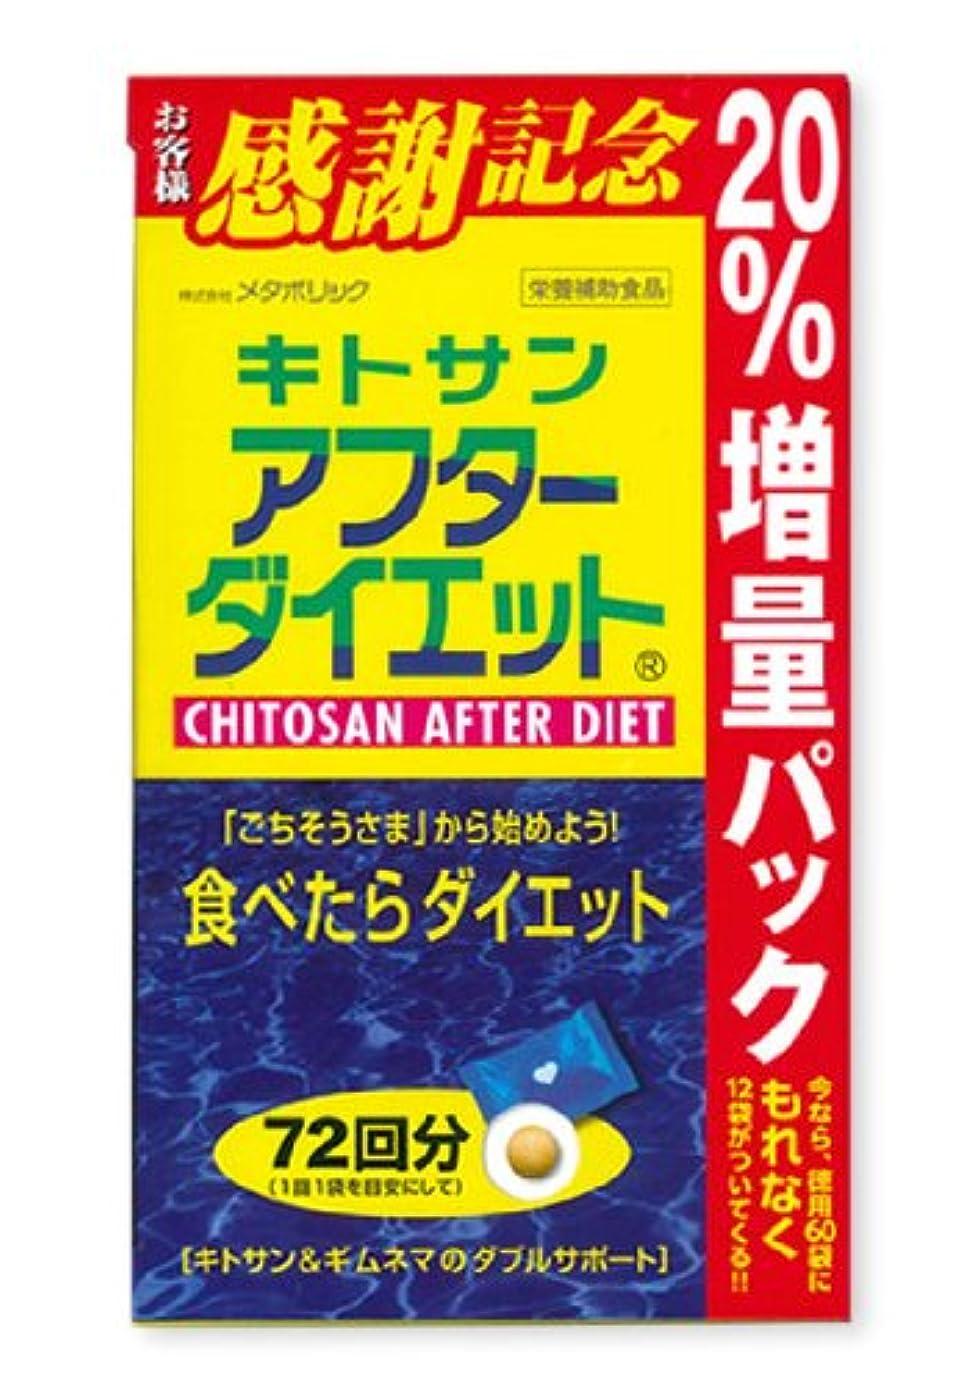 お徳用 72袋入り? キトサン アフターダイエット ( お徳用 72袋入り)×5個セット 20%増量版